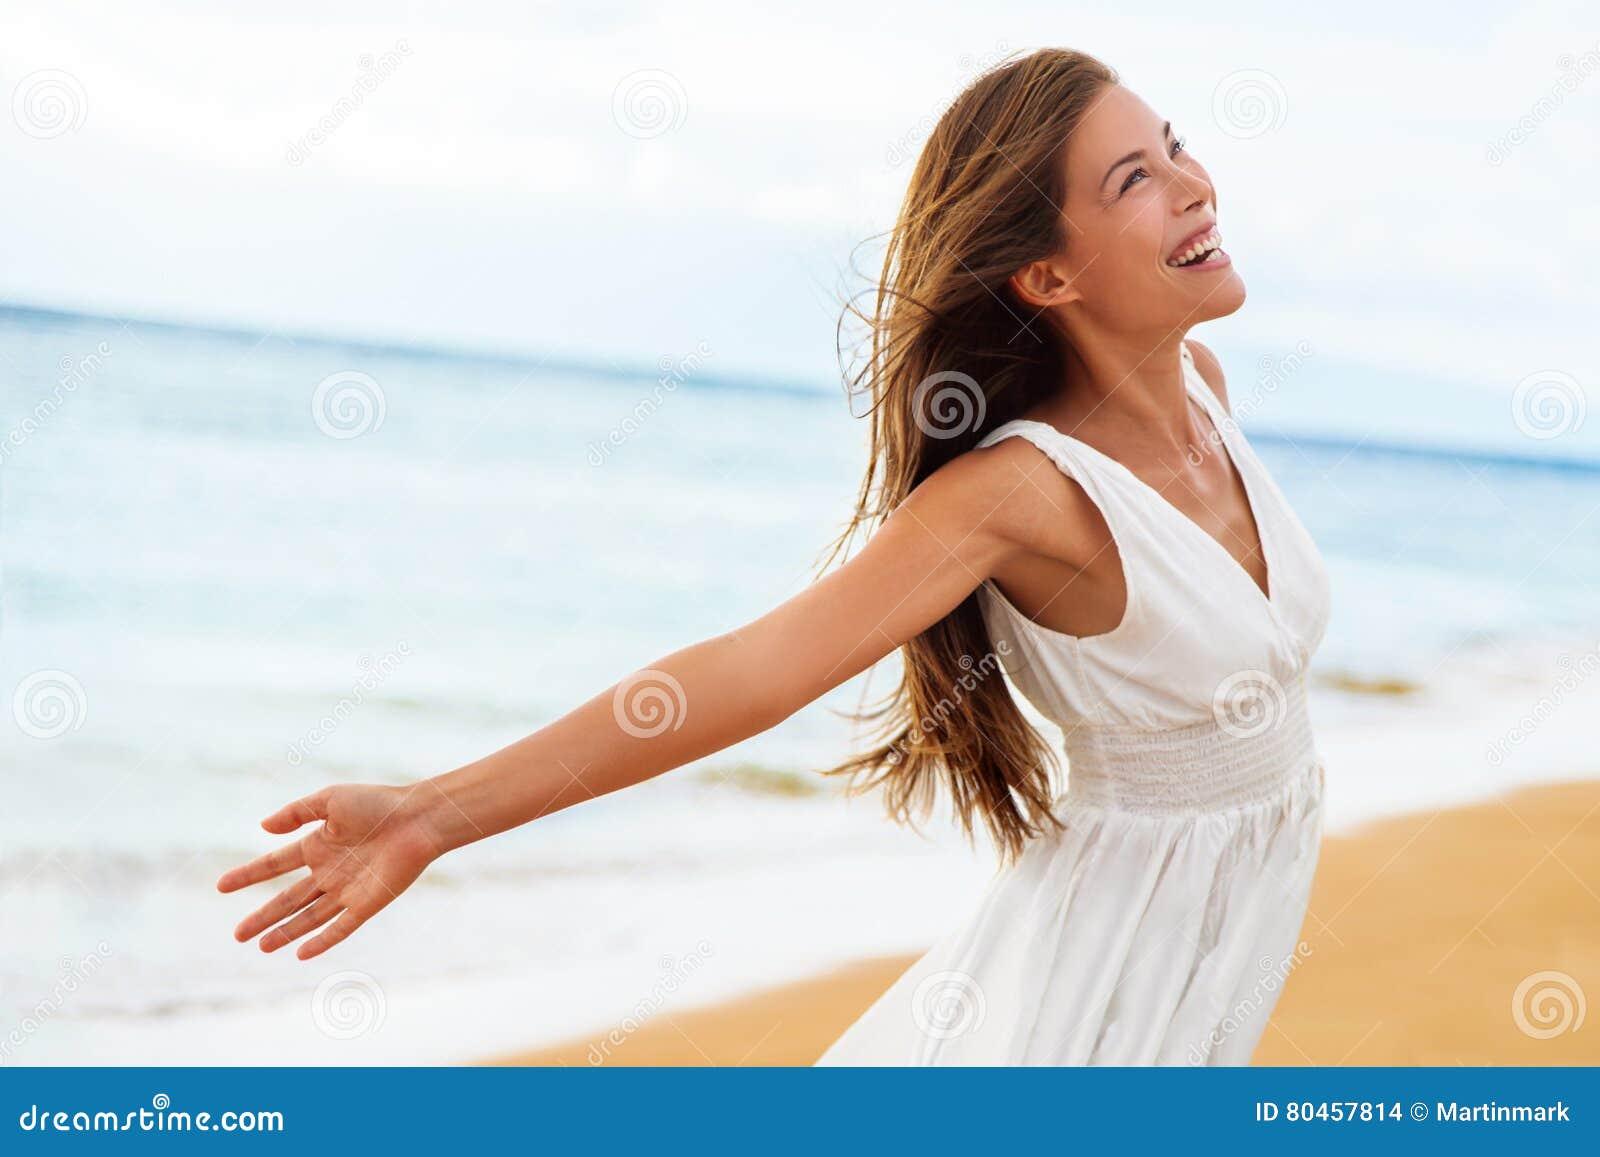 Brazos abiertos de la mujer feliz libre en la libertad en la playa